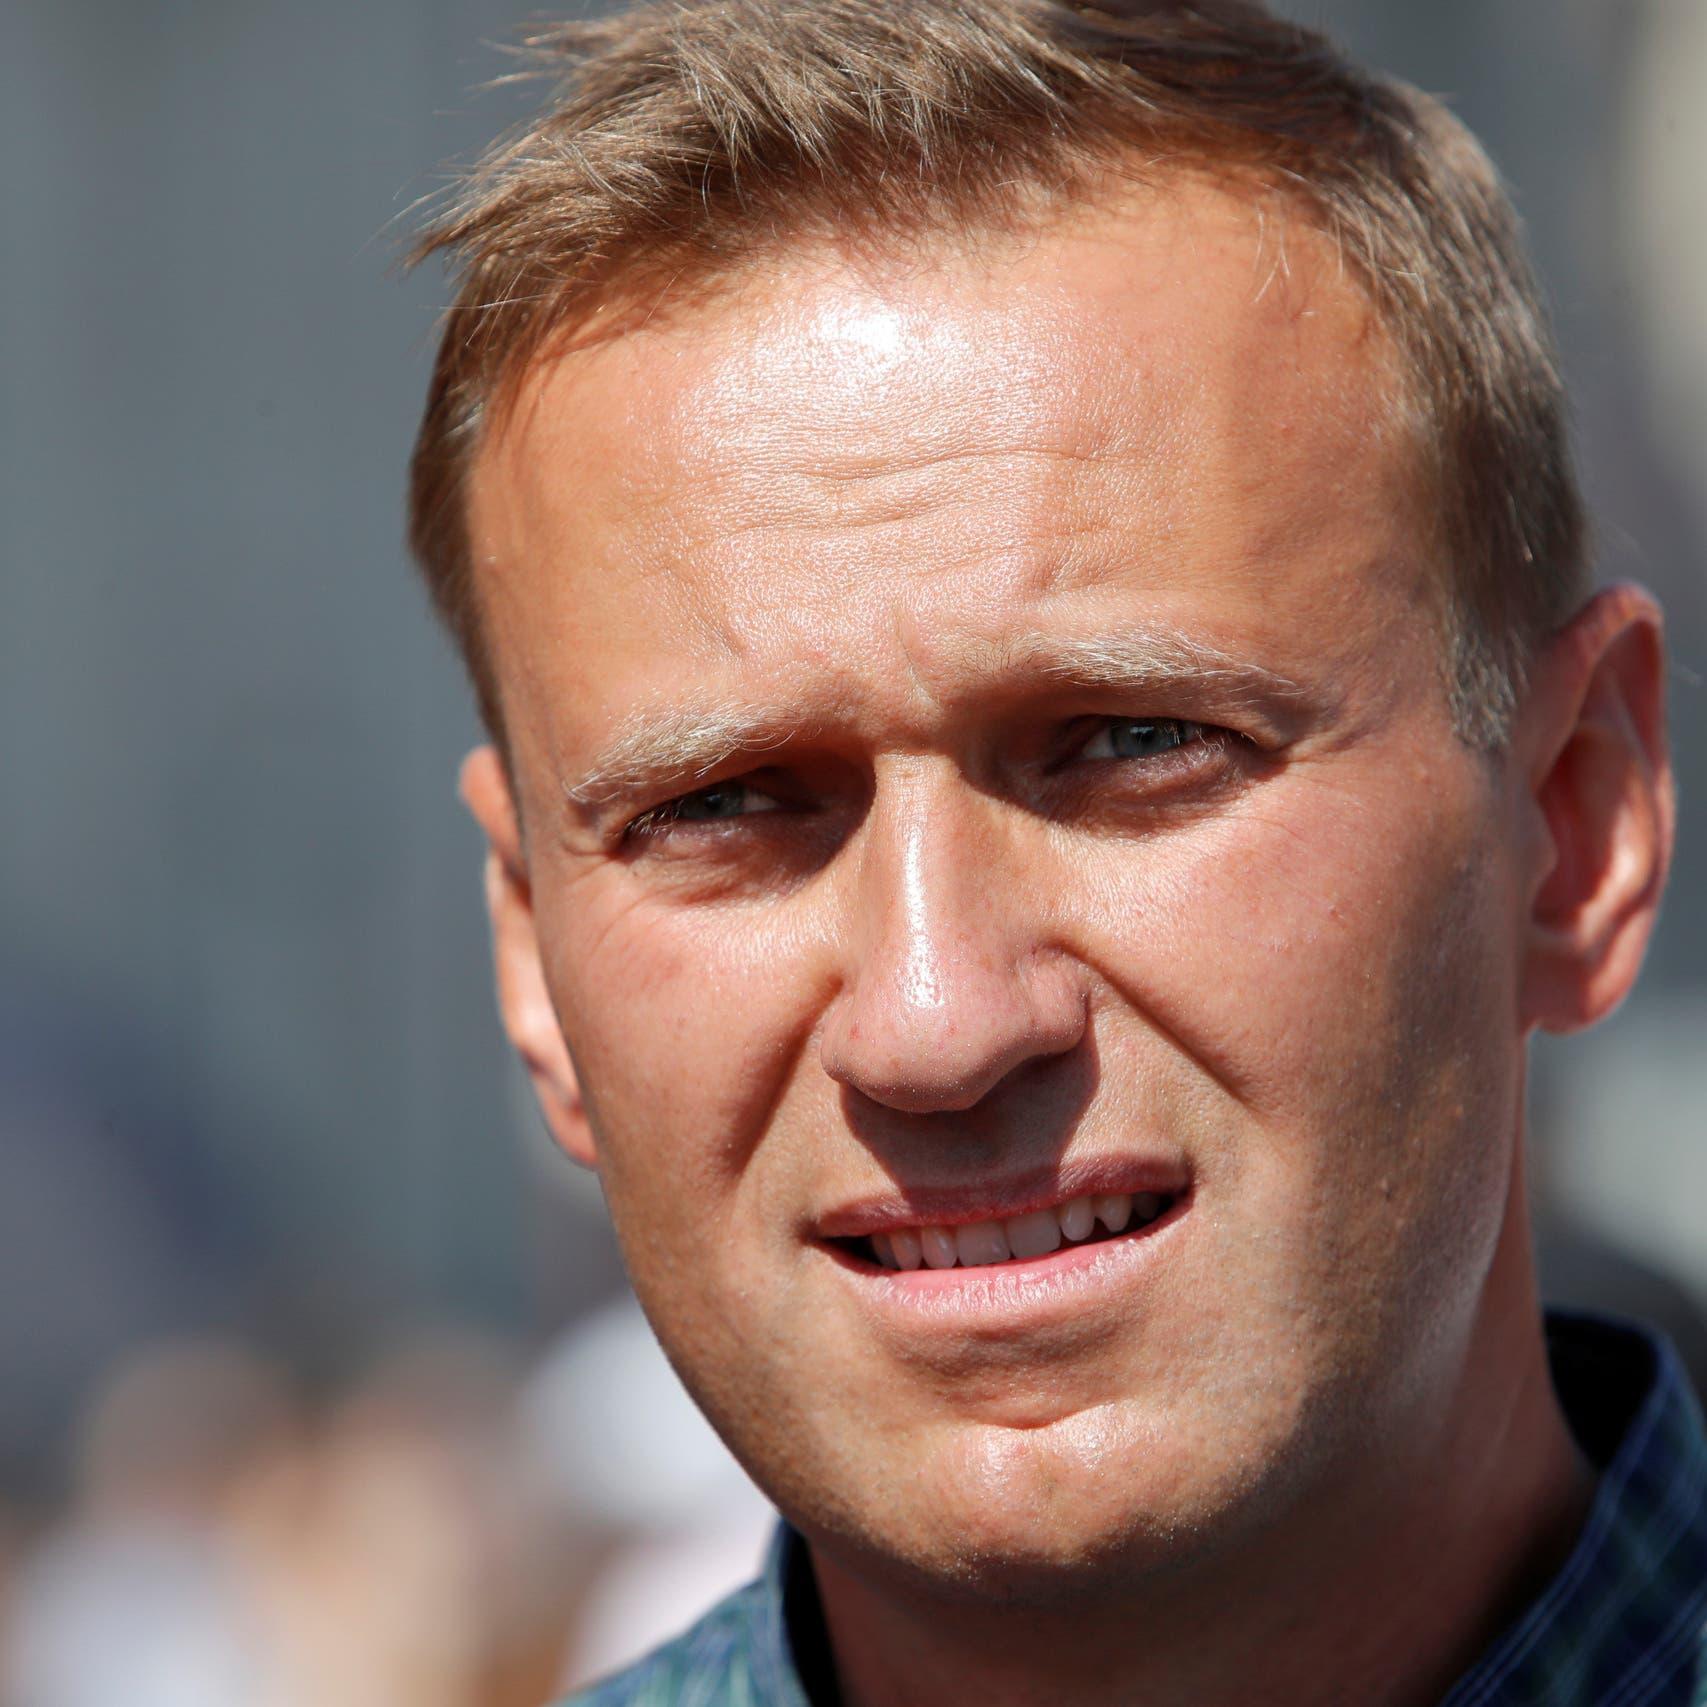 الشرطة الروسية ستطلب التحقيق مع المعارض نافالني في ألمانيا